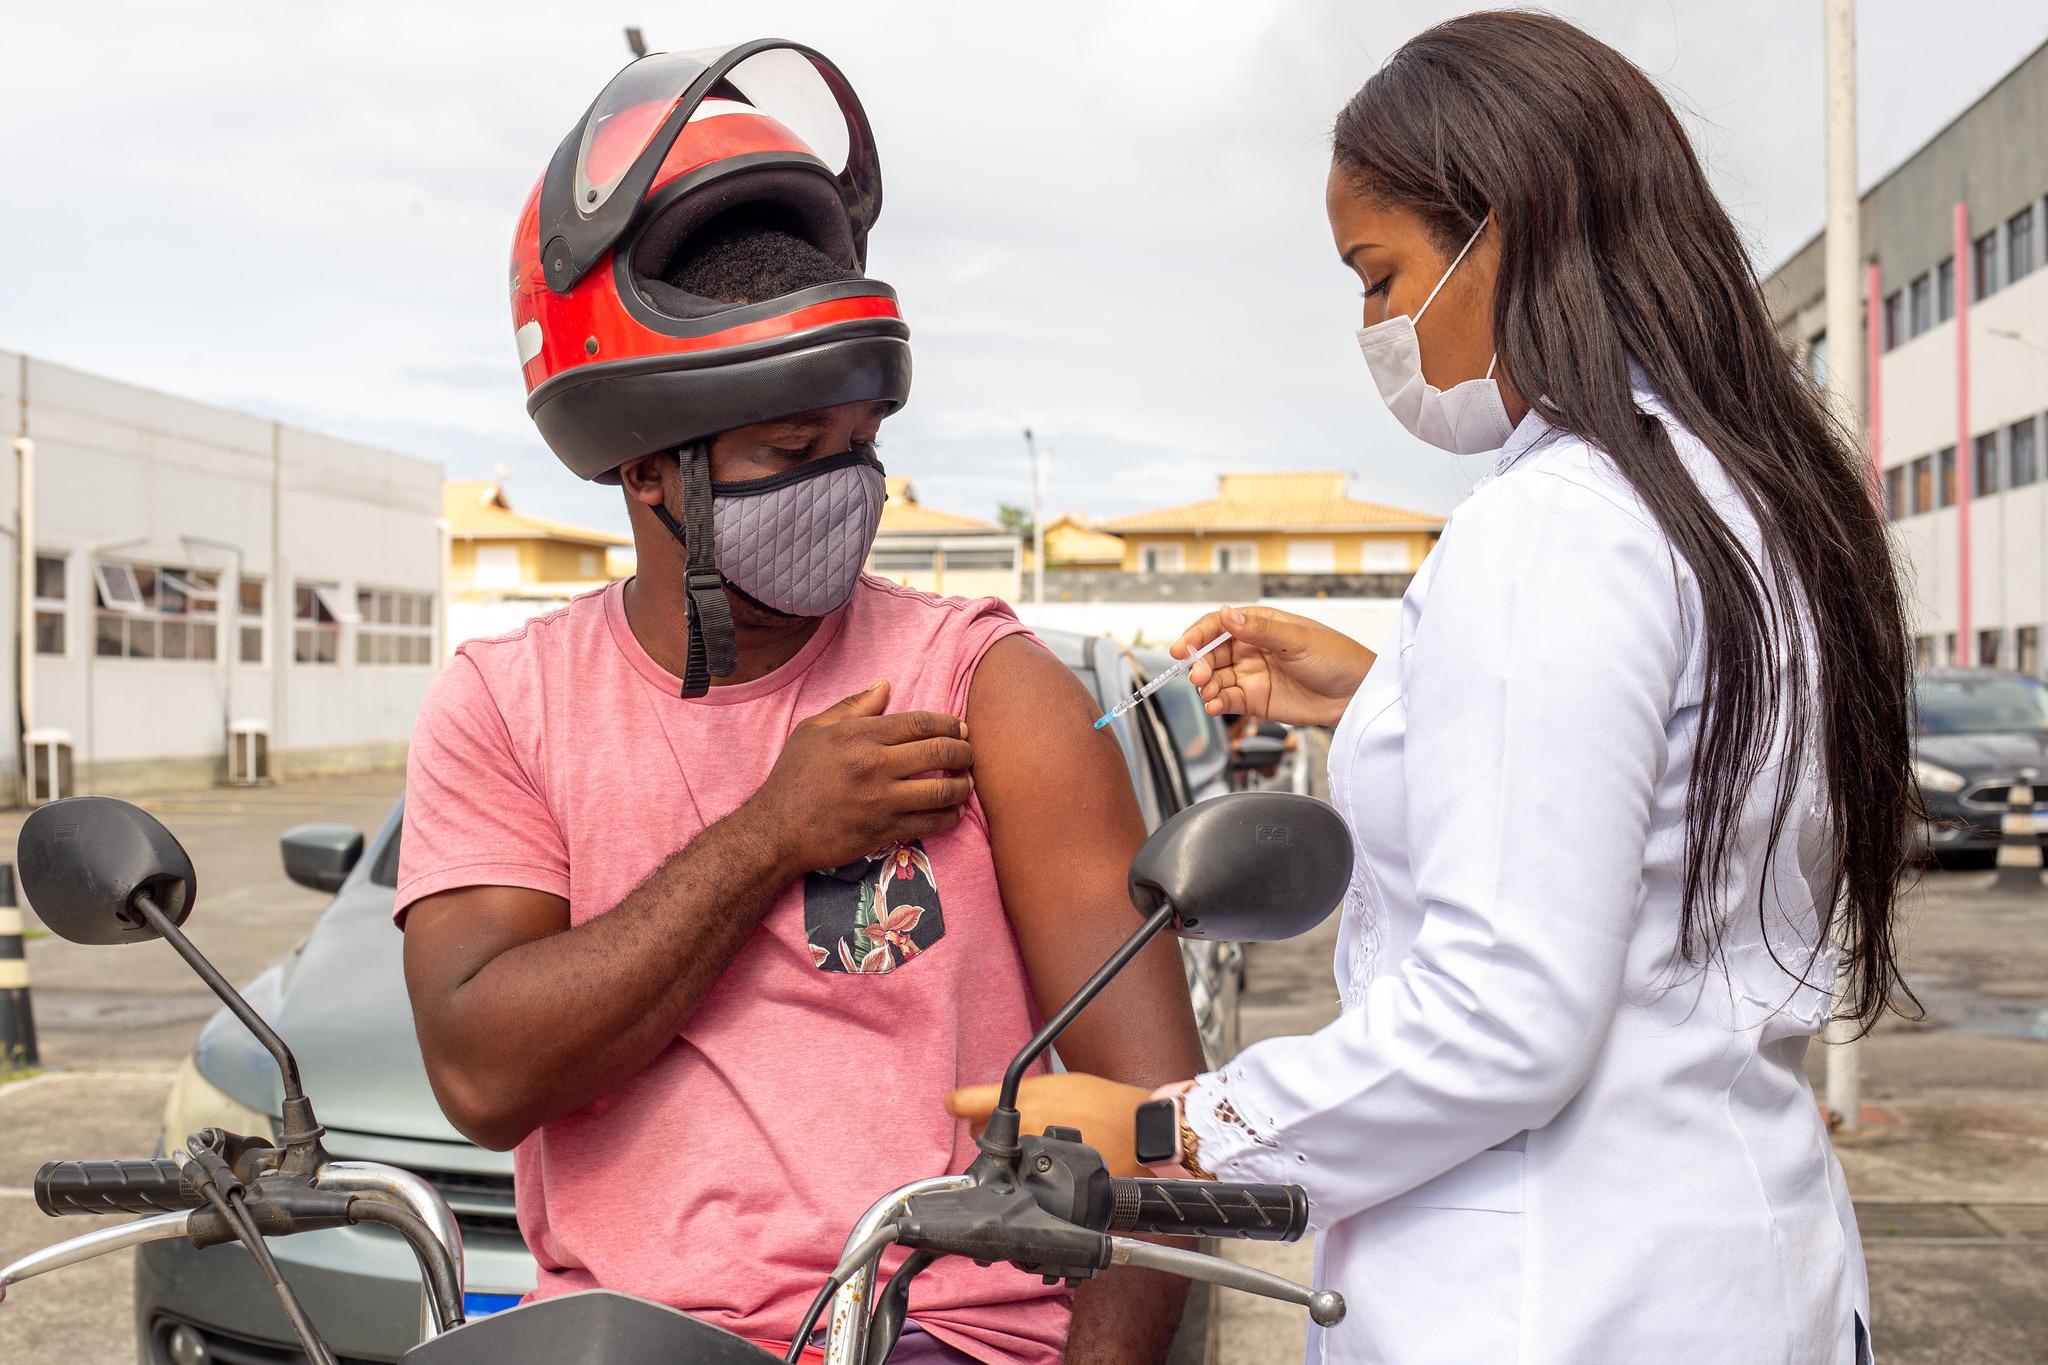 Em Lauro de Freitas, mais de 1.350 pessoas receberam reforço da vacina contra a Covid-19 nesta quarta-feira (18)